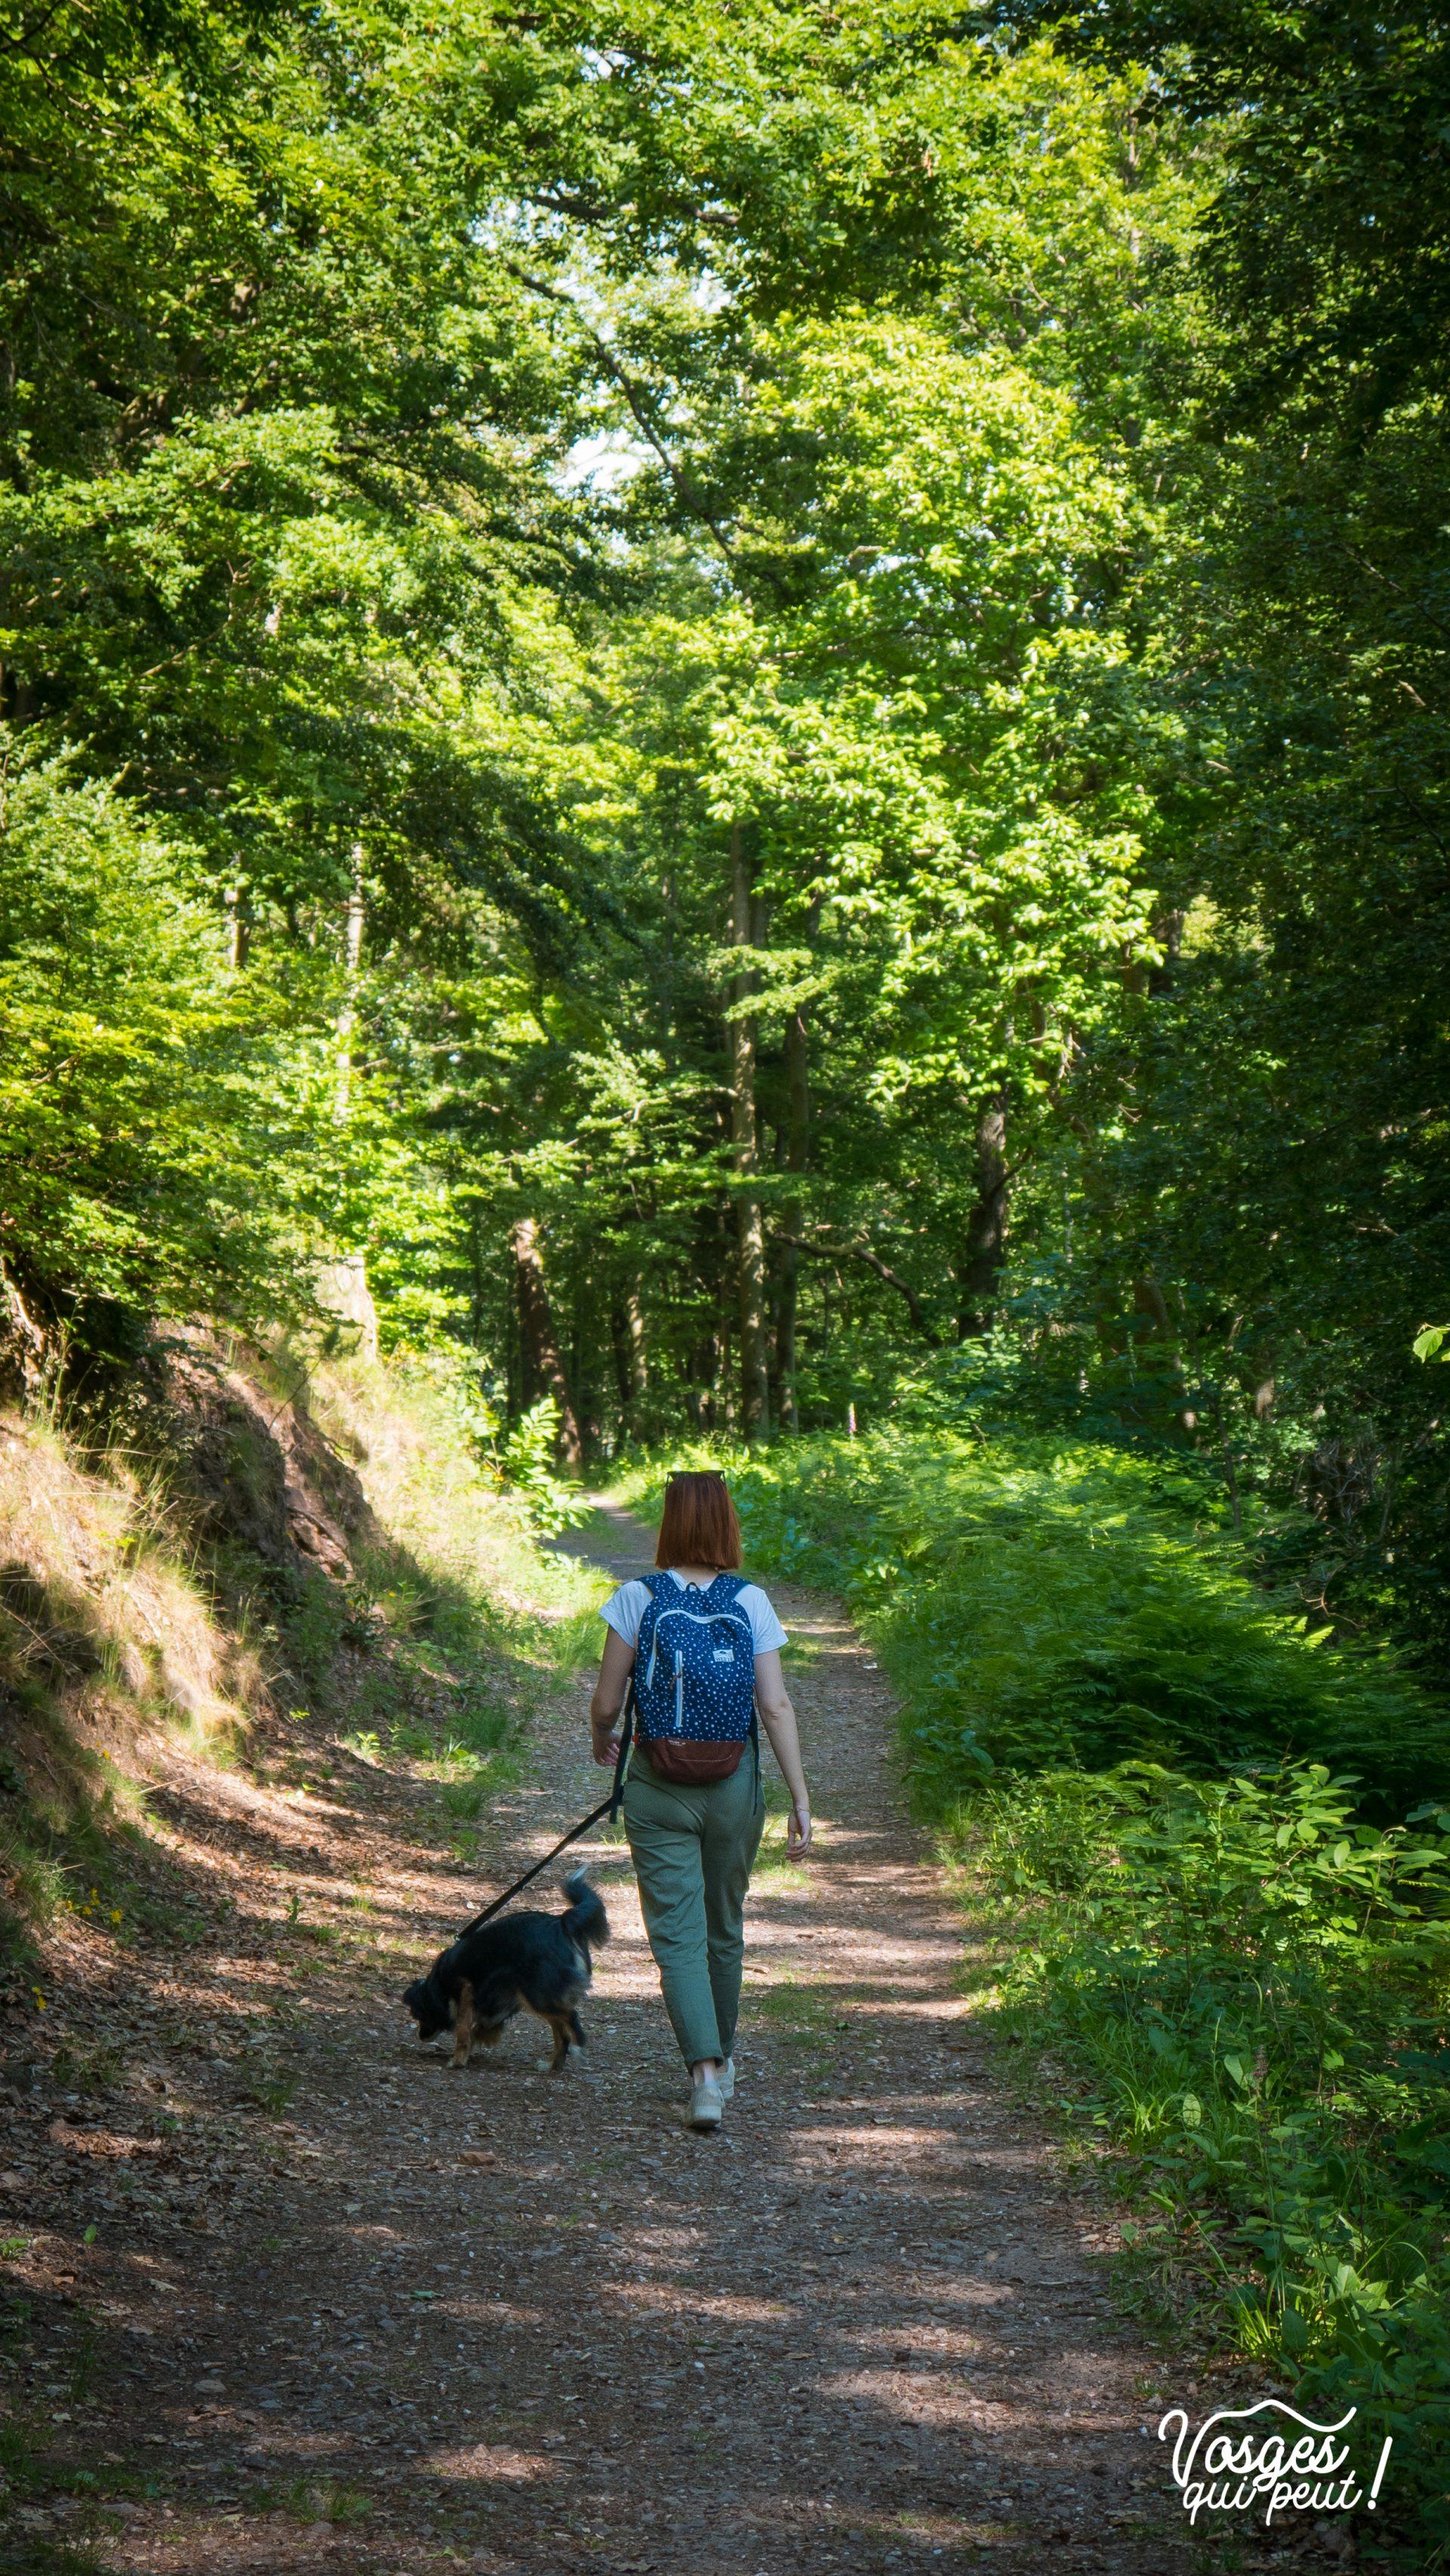 Une jeune fille et son chien font une randonnée en Alsace à proximité du château de Guirbaden